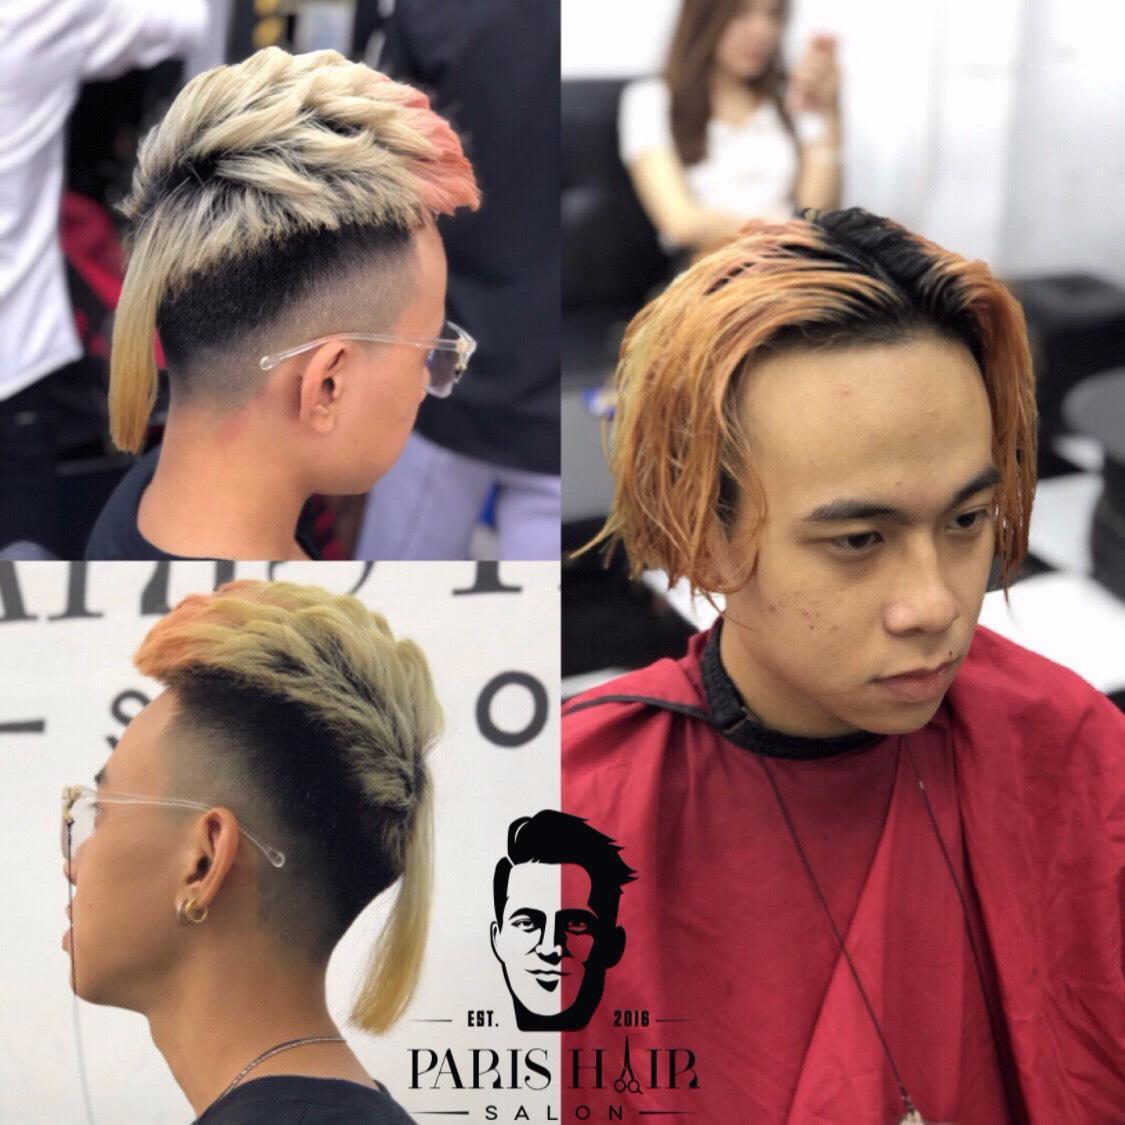 """Bí quyết """"lột xác"""" cho nam giới đơn giản là combo 7 bước làm tóc chỉ 80.000đ tại Paris Hair Salon - Ảnh 3."""